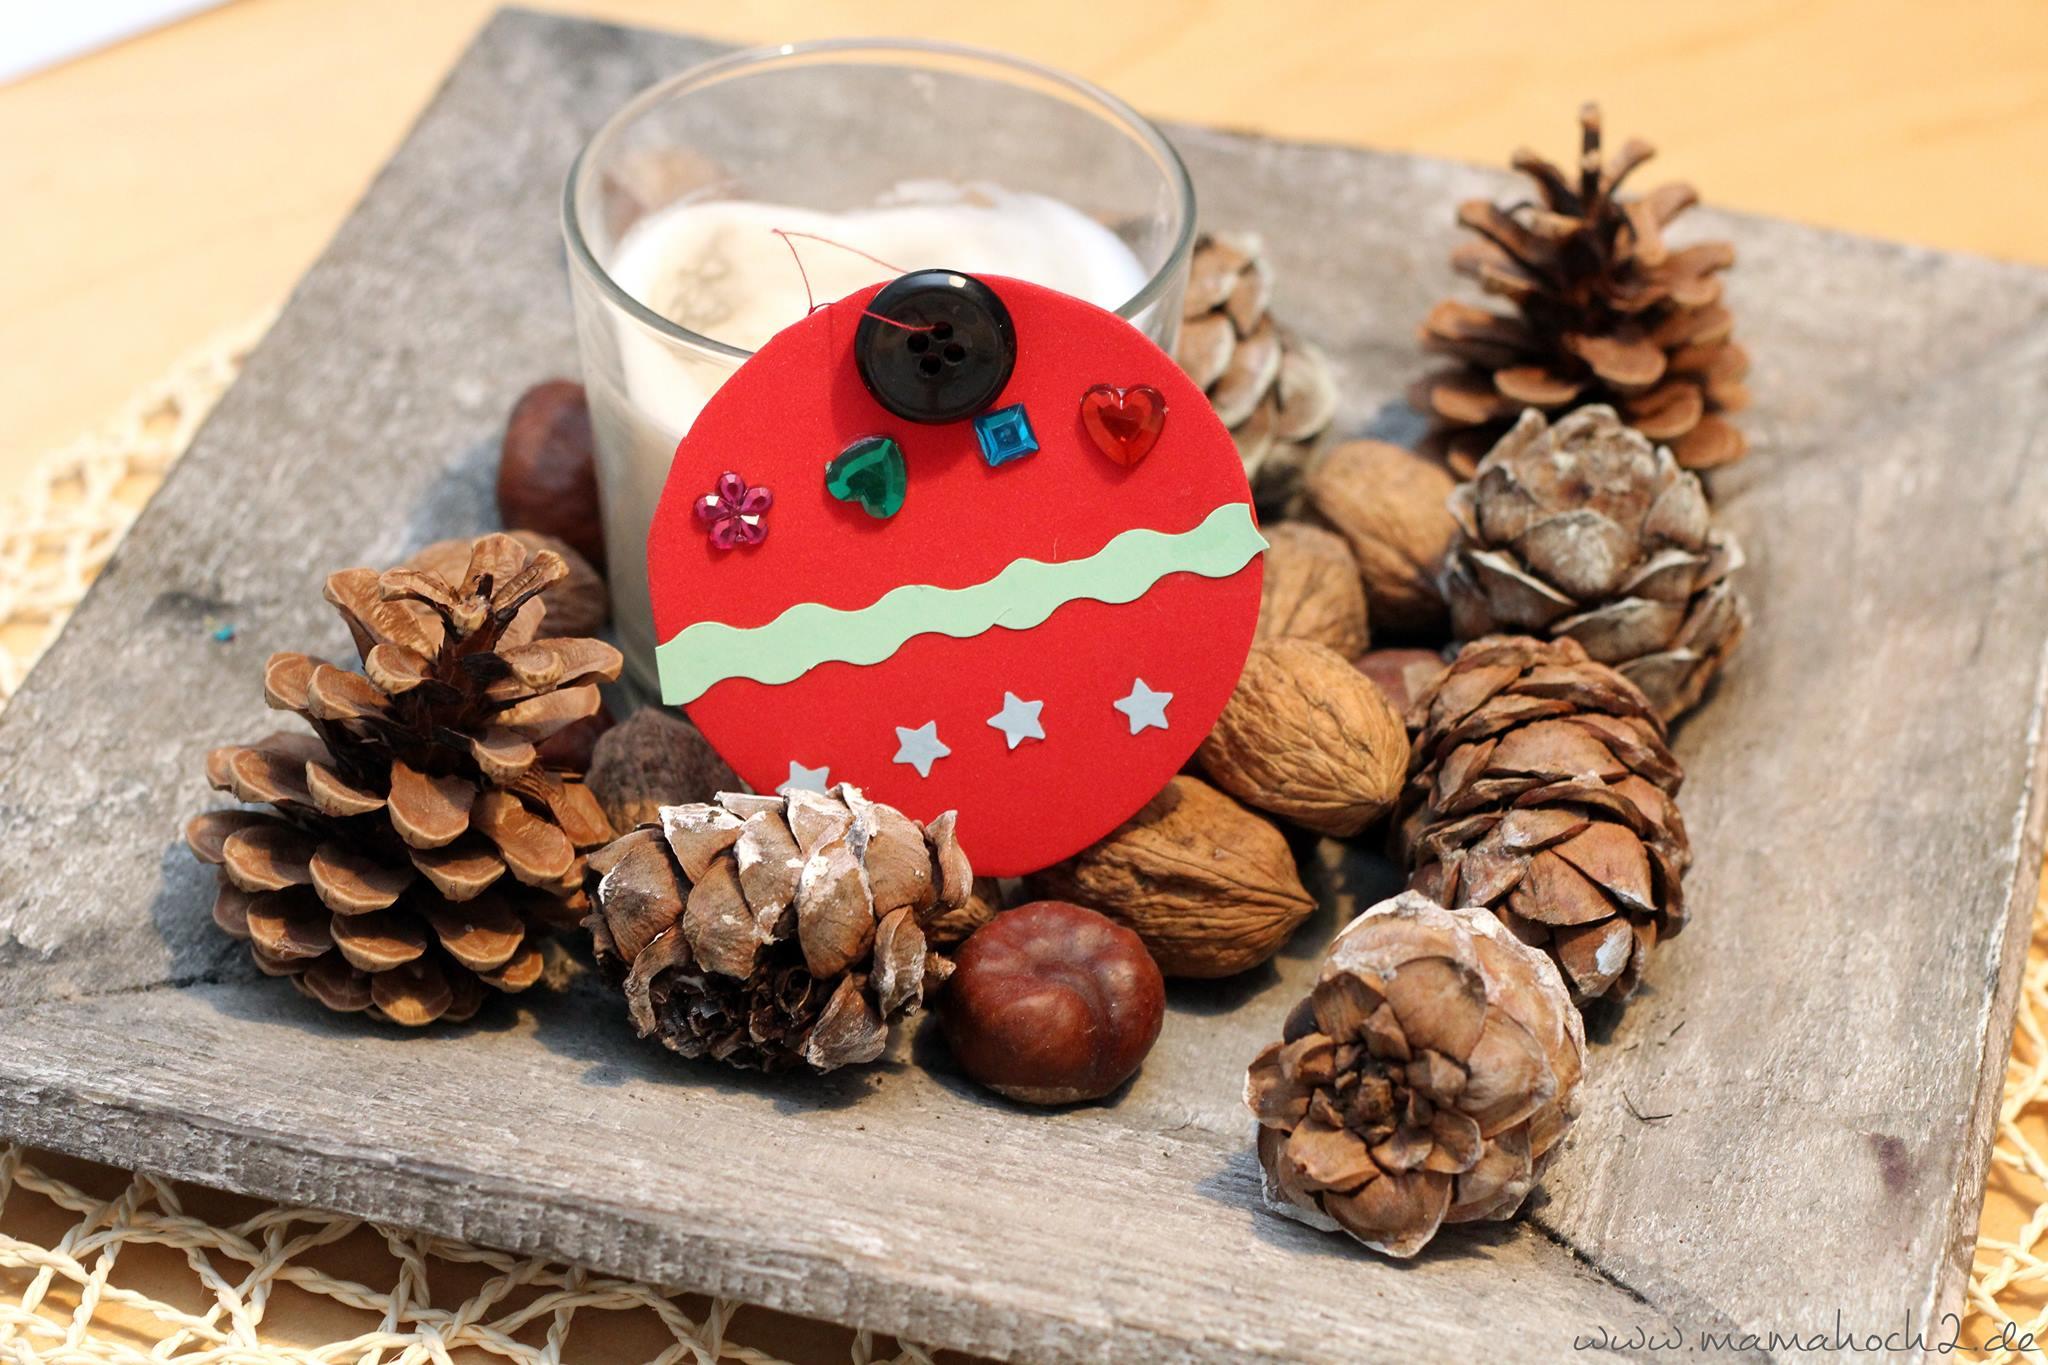 weihnachtsschmuck selber basteln christbaumkugeln mamahoch2. Black Bedroom Furniture Sets. Home Design Ideas